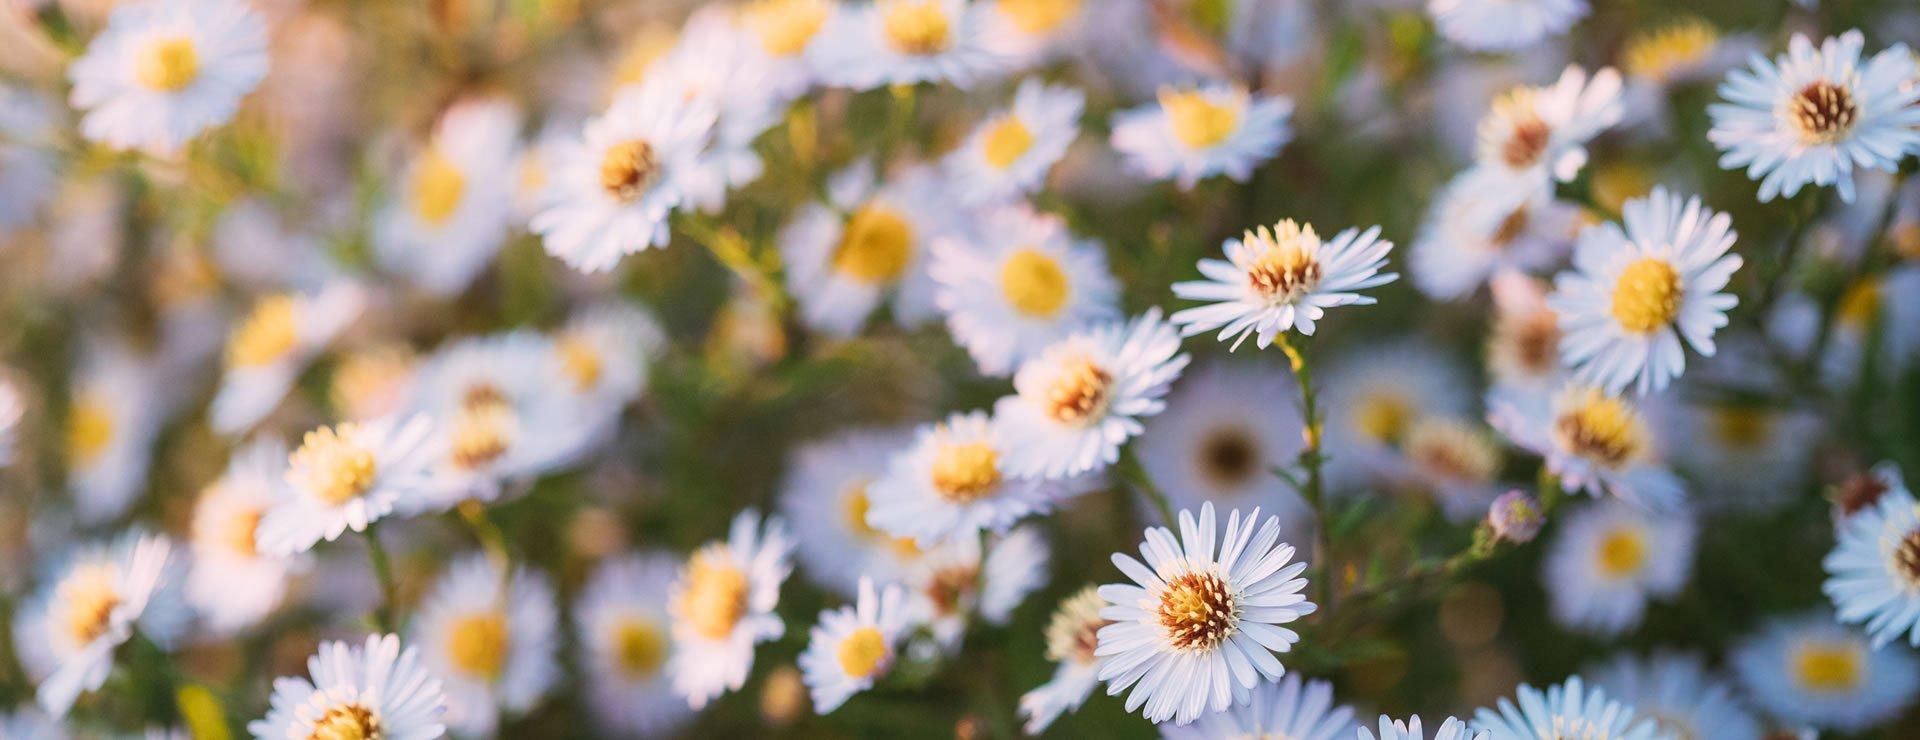 PITTOSPORUM – THE FLOWER-ARRANGER'S FRIEND